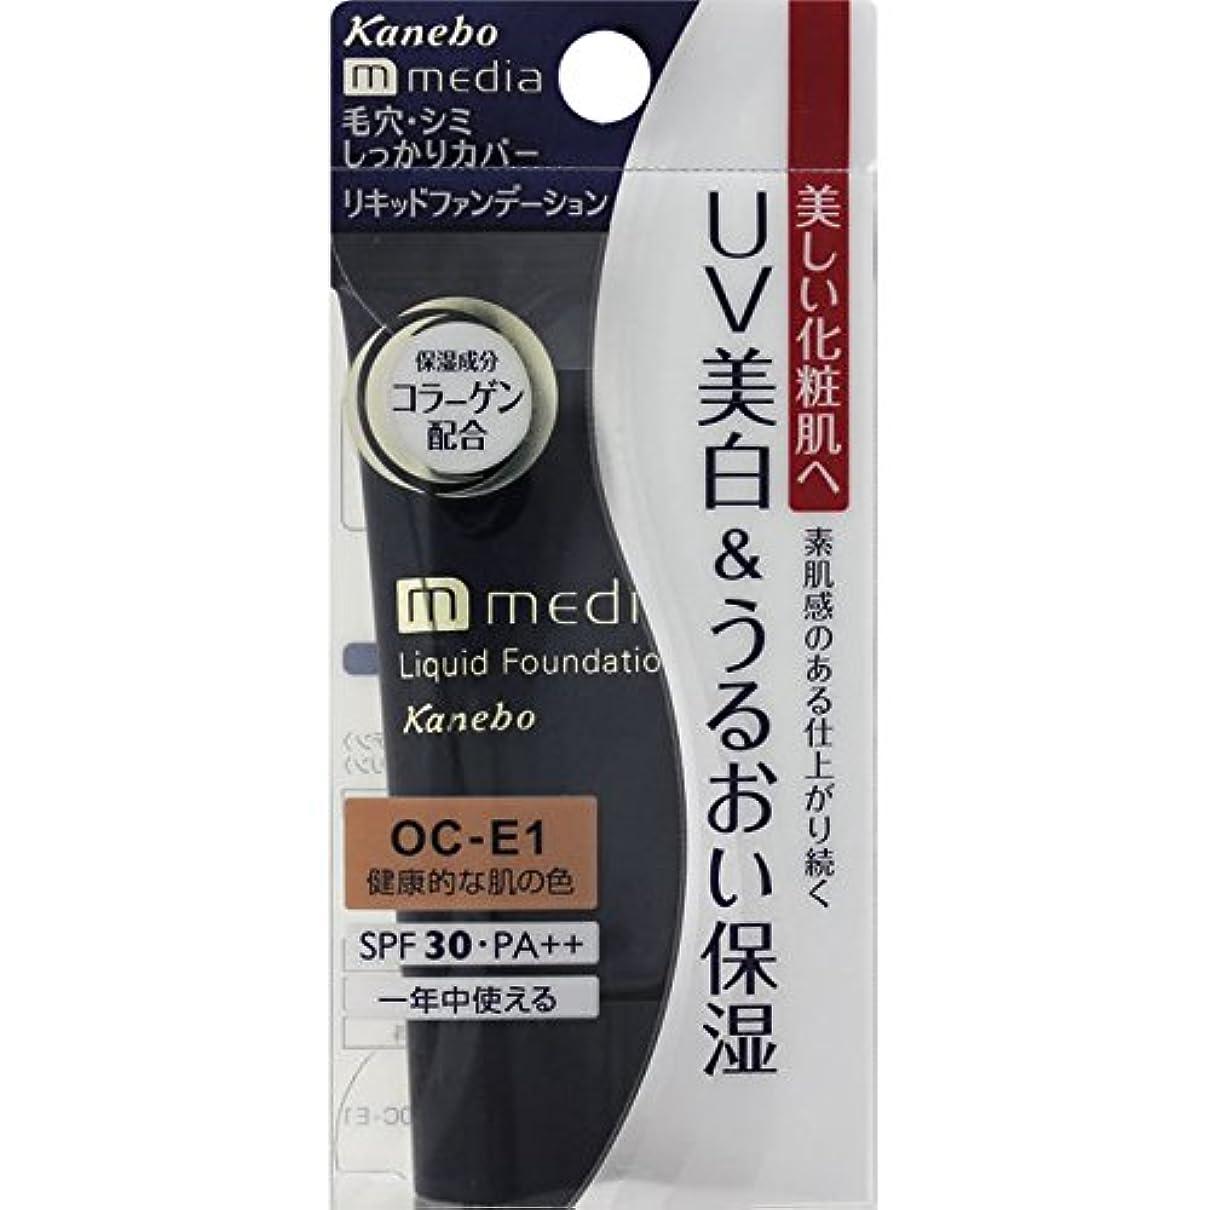 防ぐ不倫悩みカネボウ メディア(media)リキッドファンデーションUV カラー:OC-E1